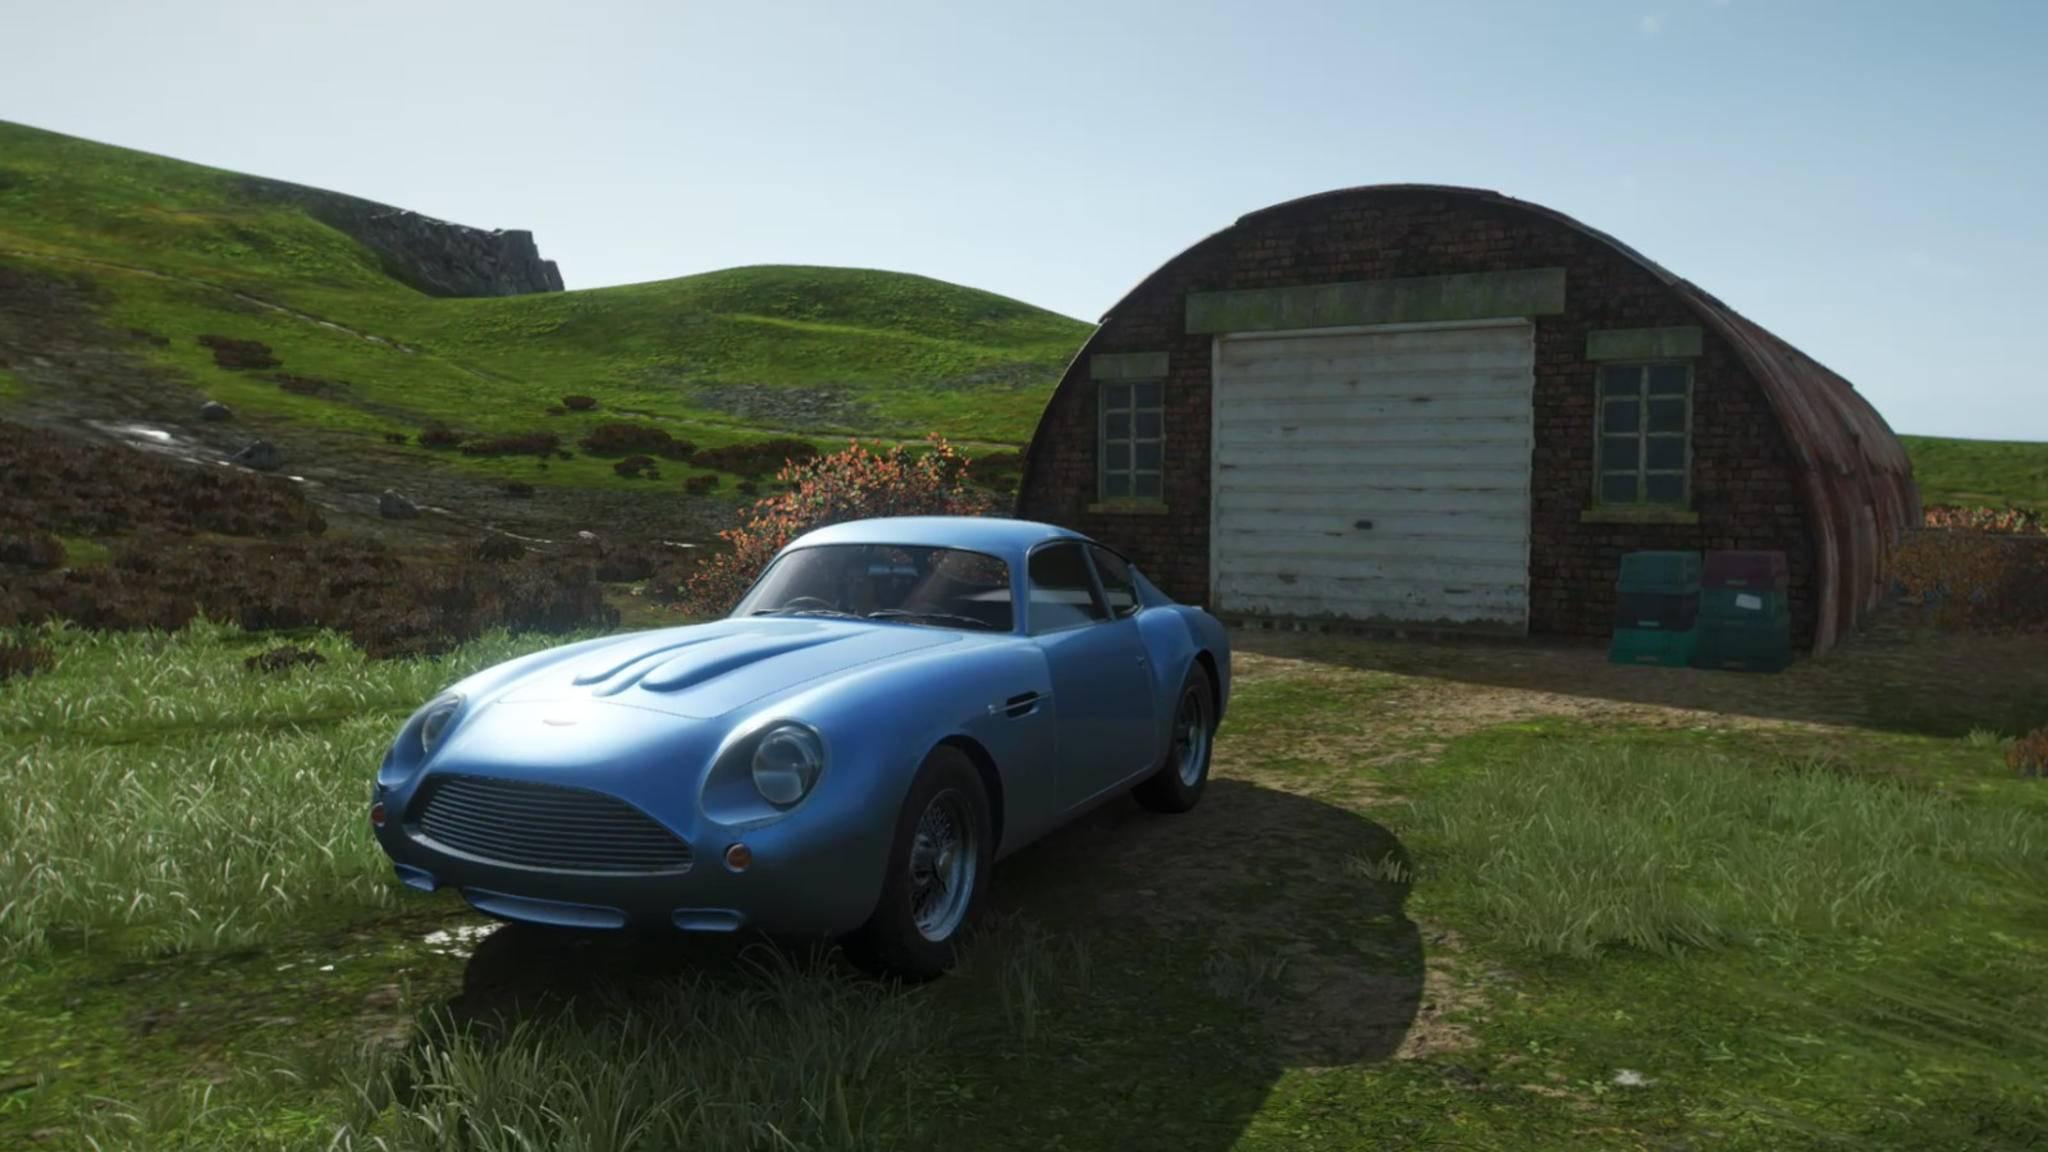 """Der Aston Martin DB4 Zagato ist nur einer von vielen seltenen Wagen, die in Scheunen quer über die Spielwelt von """"Forza Horizon 4"""" verteilt sind."""